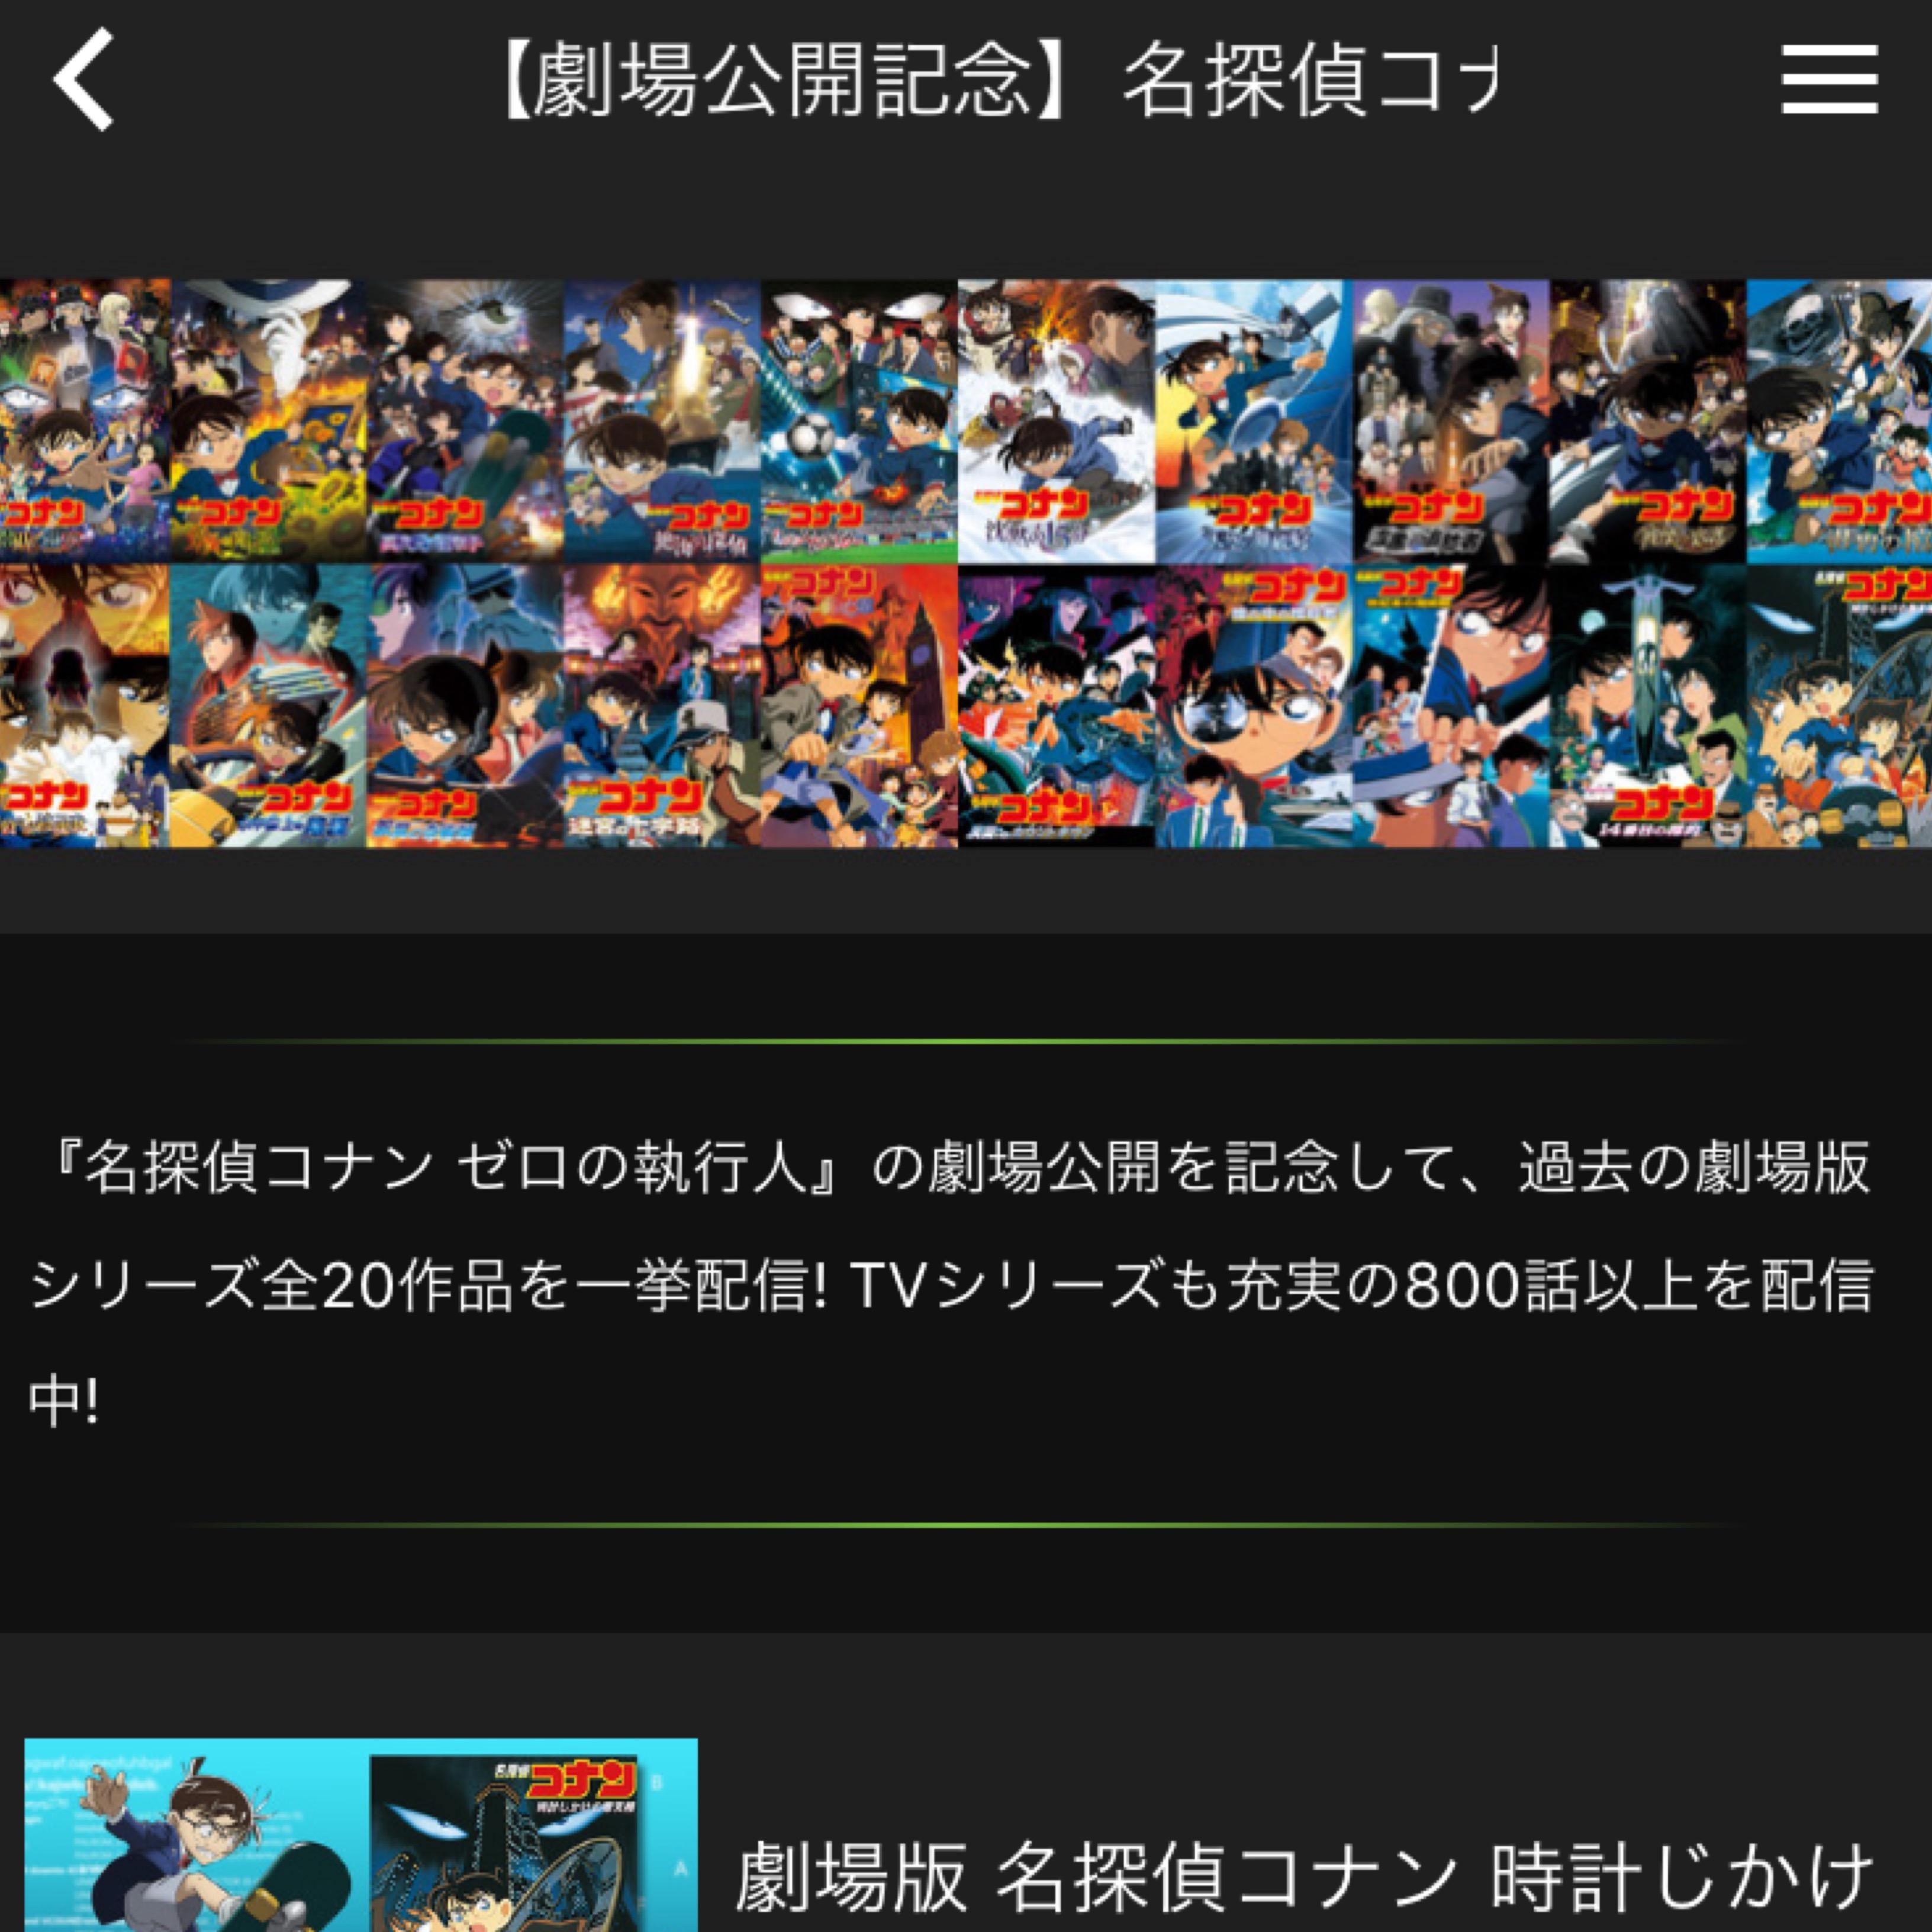 が 無料 で アプリ アニメ 見れる